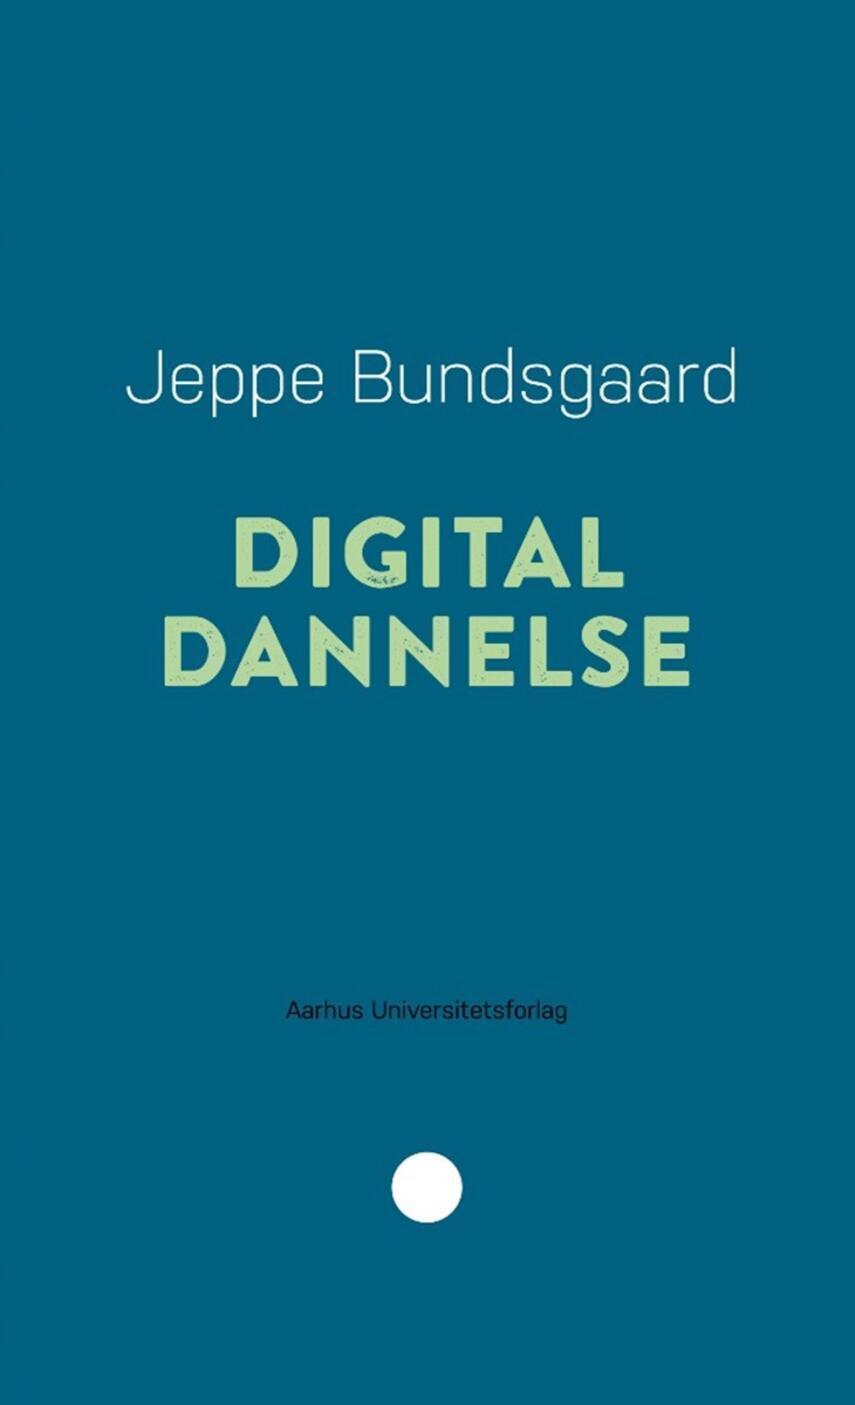 Jeppe Bundsgaard: Digital dannelse